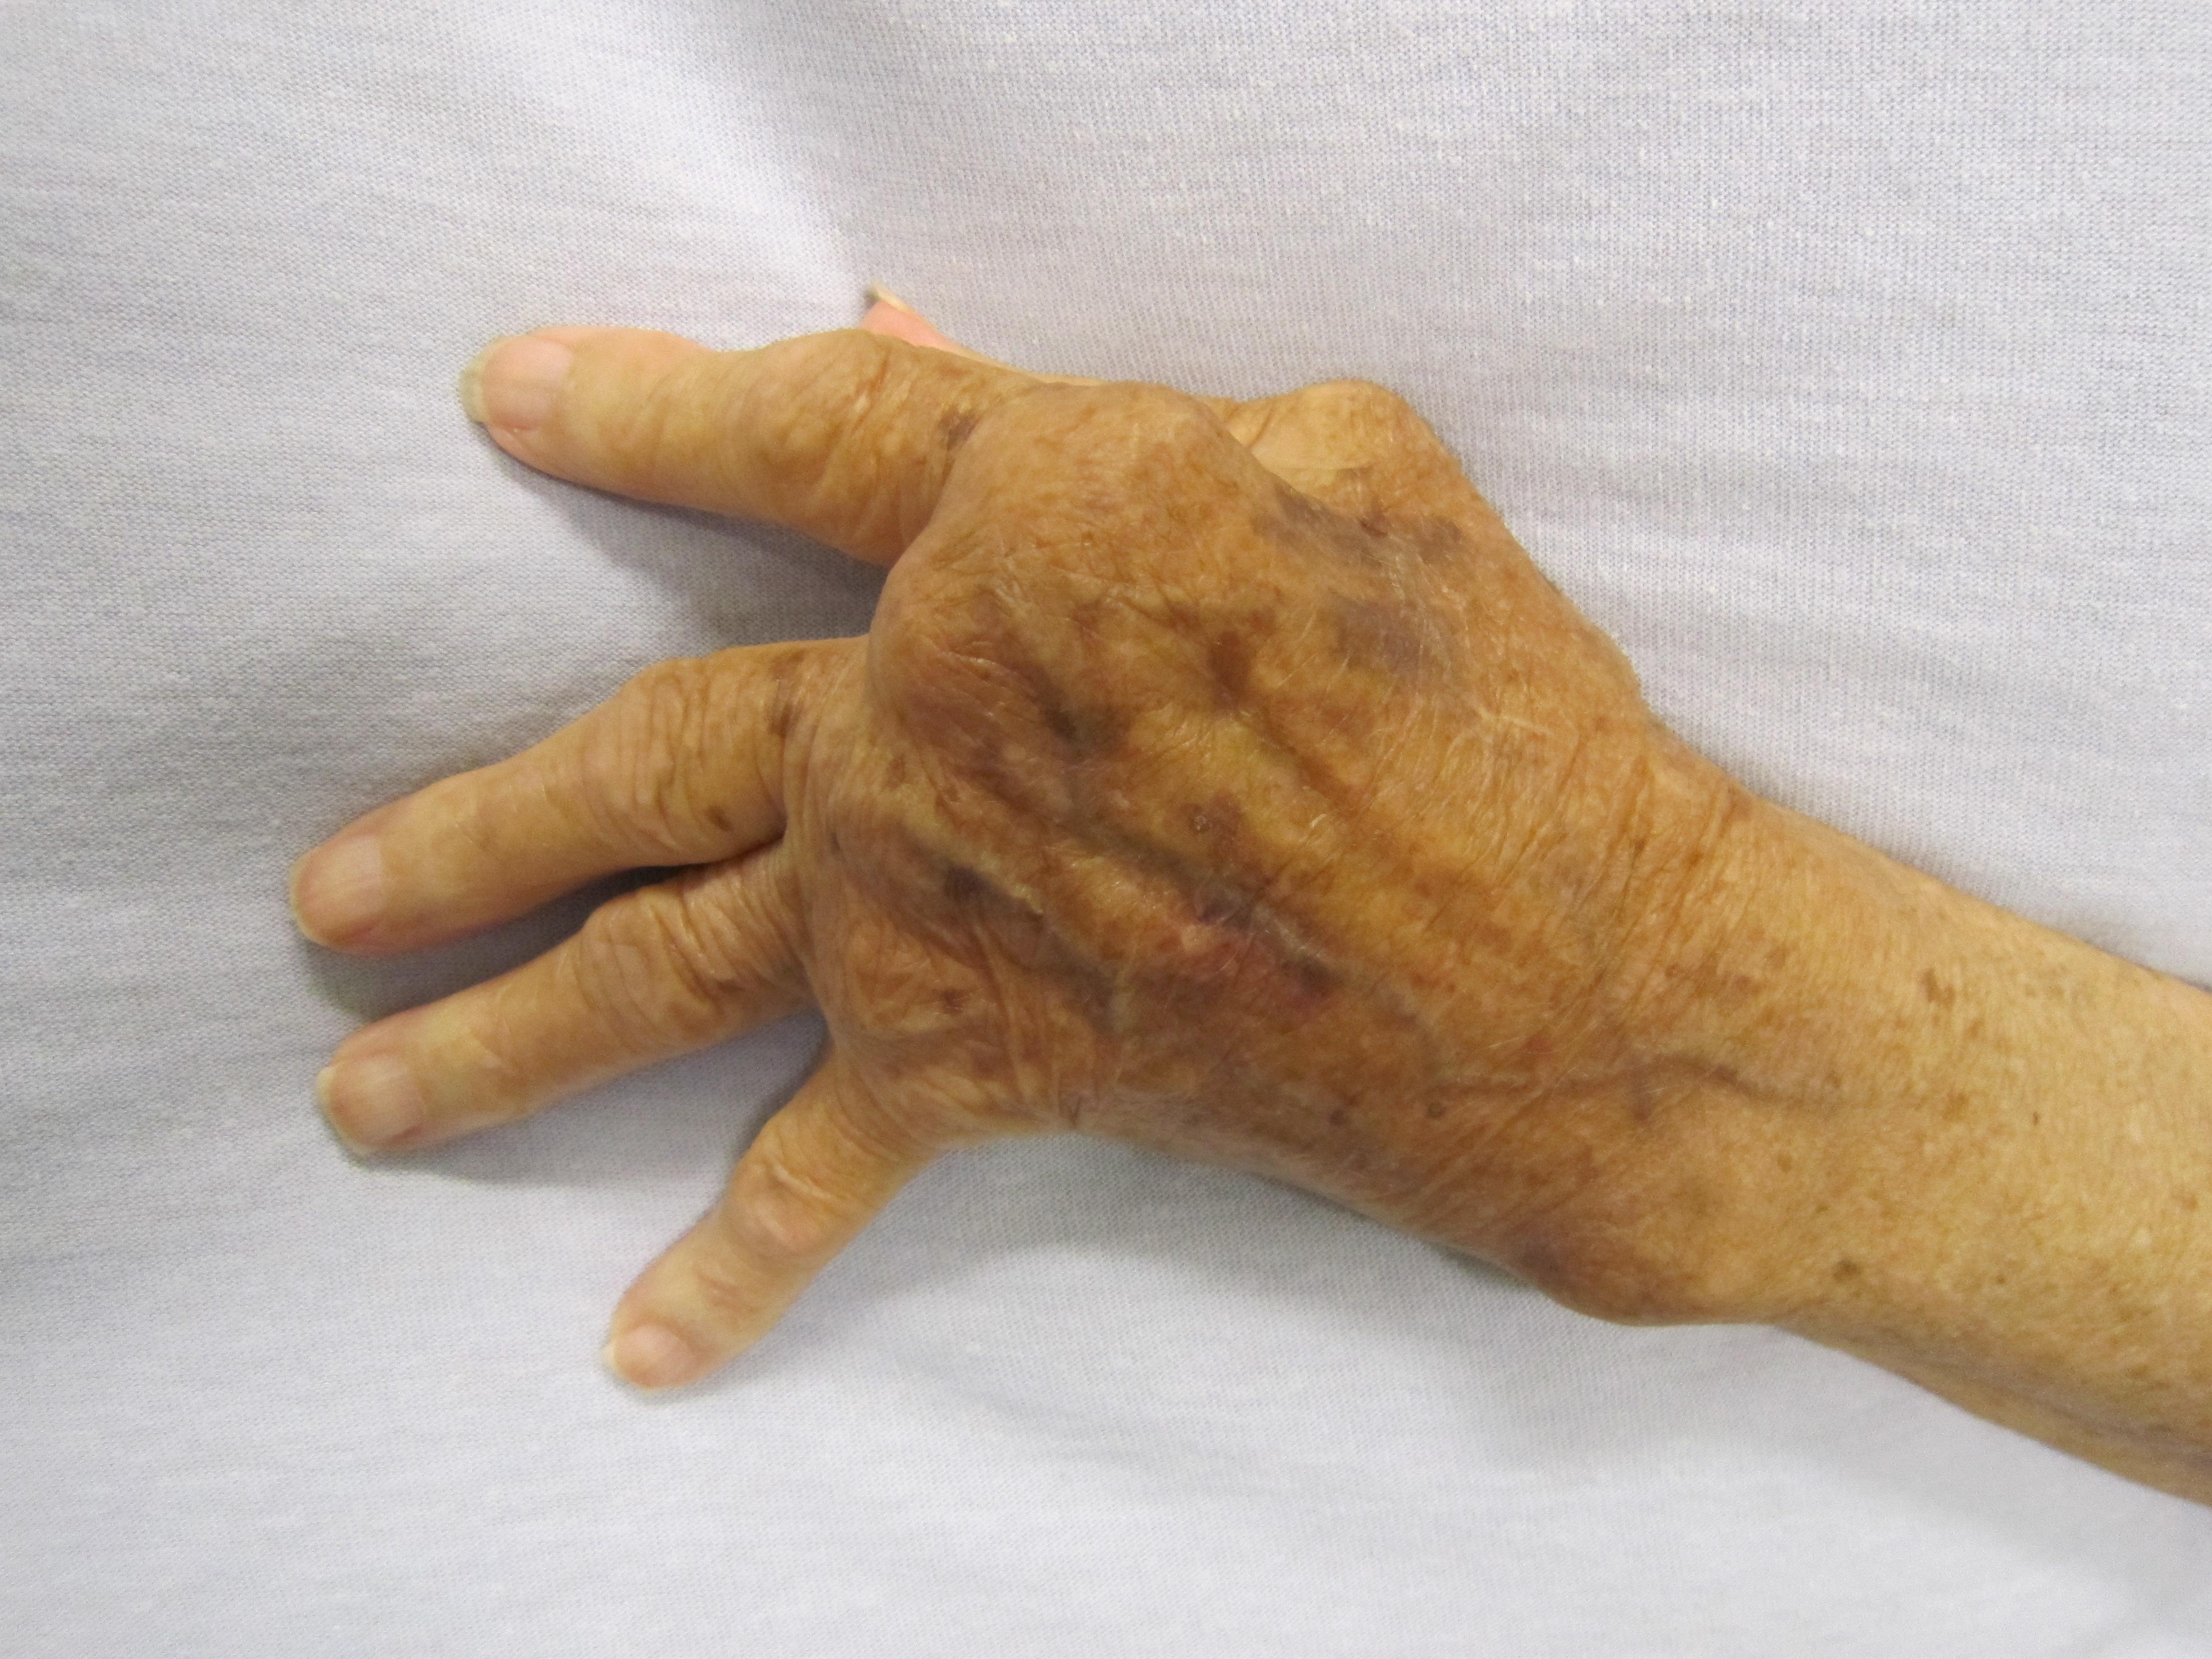 deformáló osteoarthrosis a kis ízületek kezelésében)